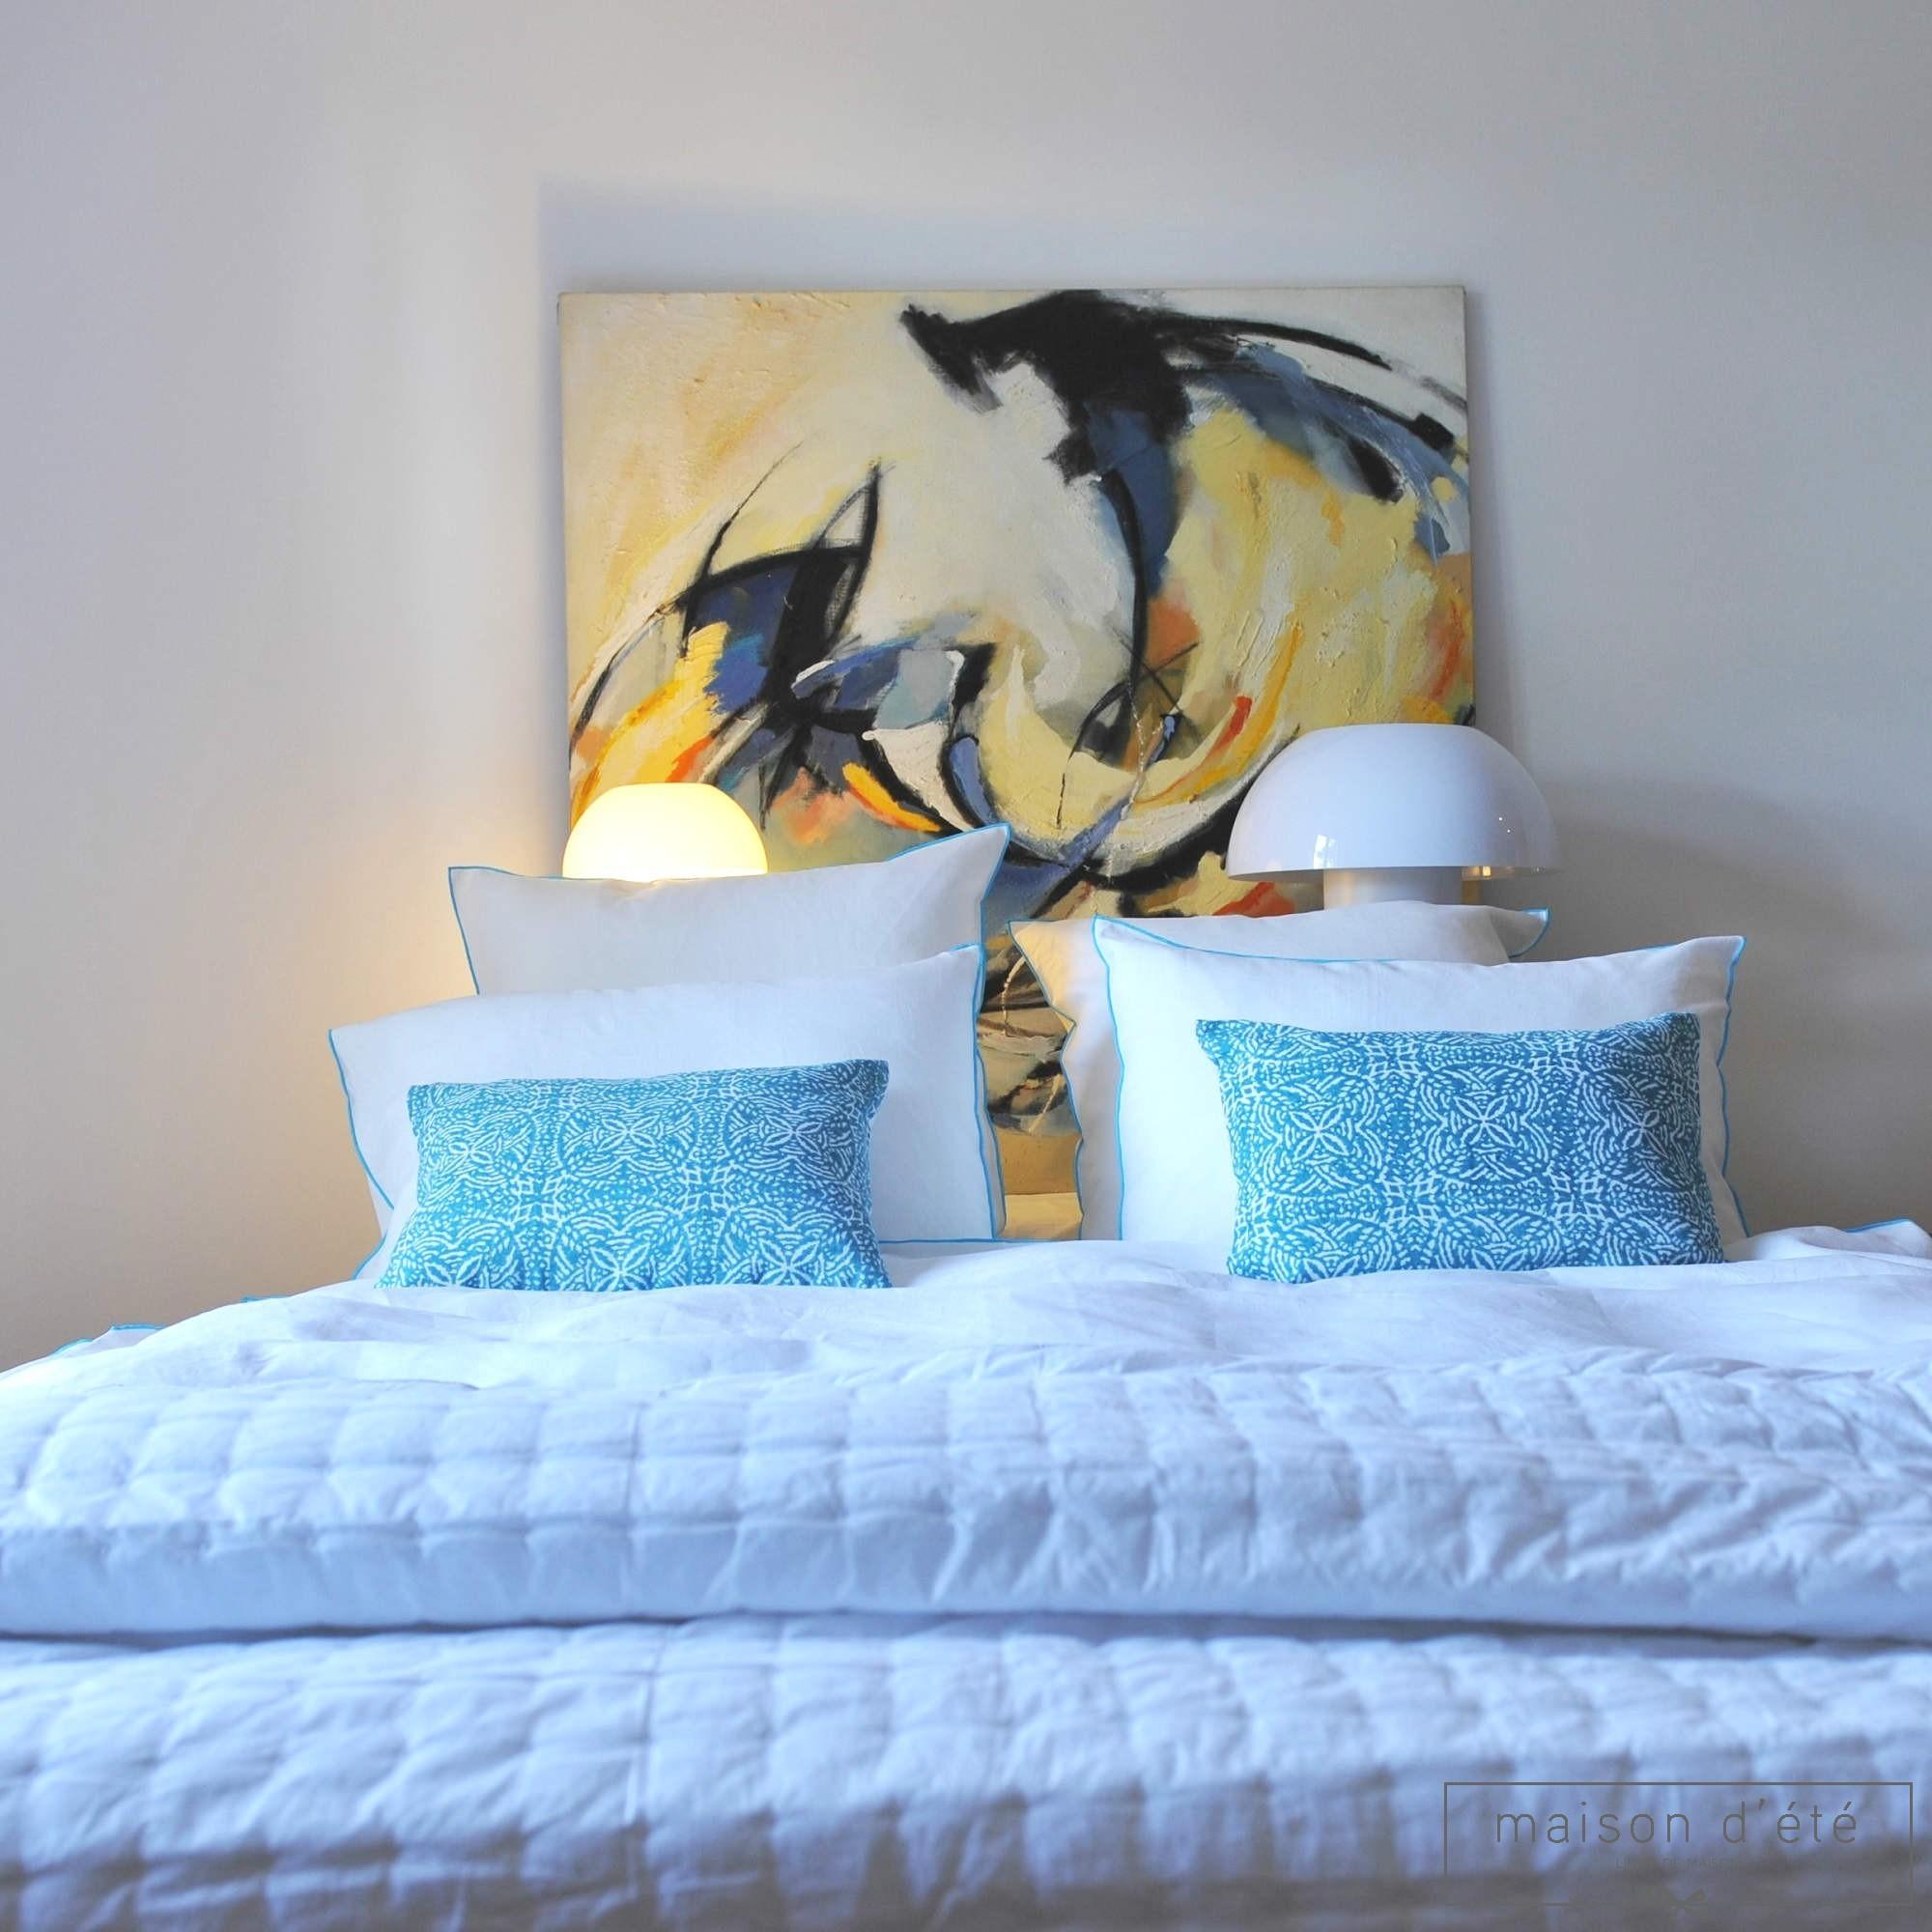 housse de couette lin lav blanc bourdon turquoise maison d 39 t. Black Bedroom Furniture Sets. Home Design Ideas